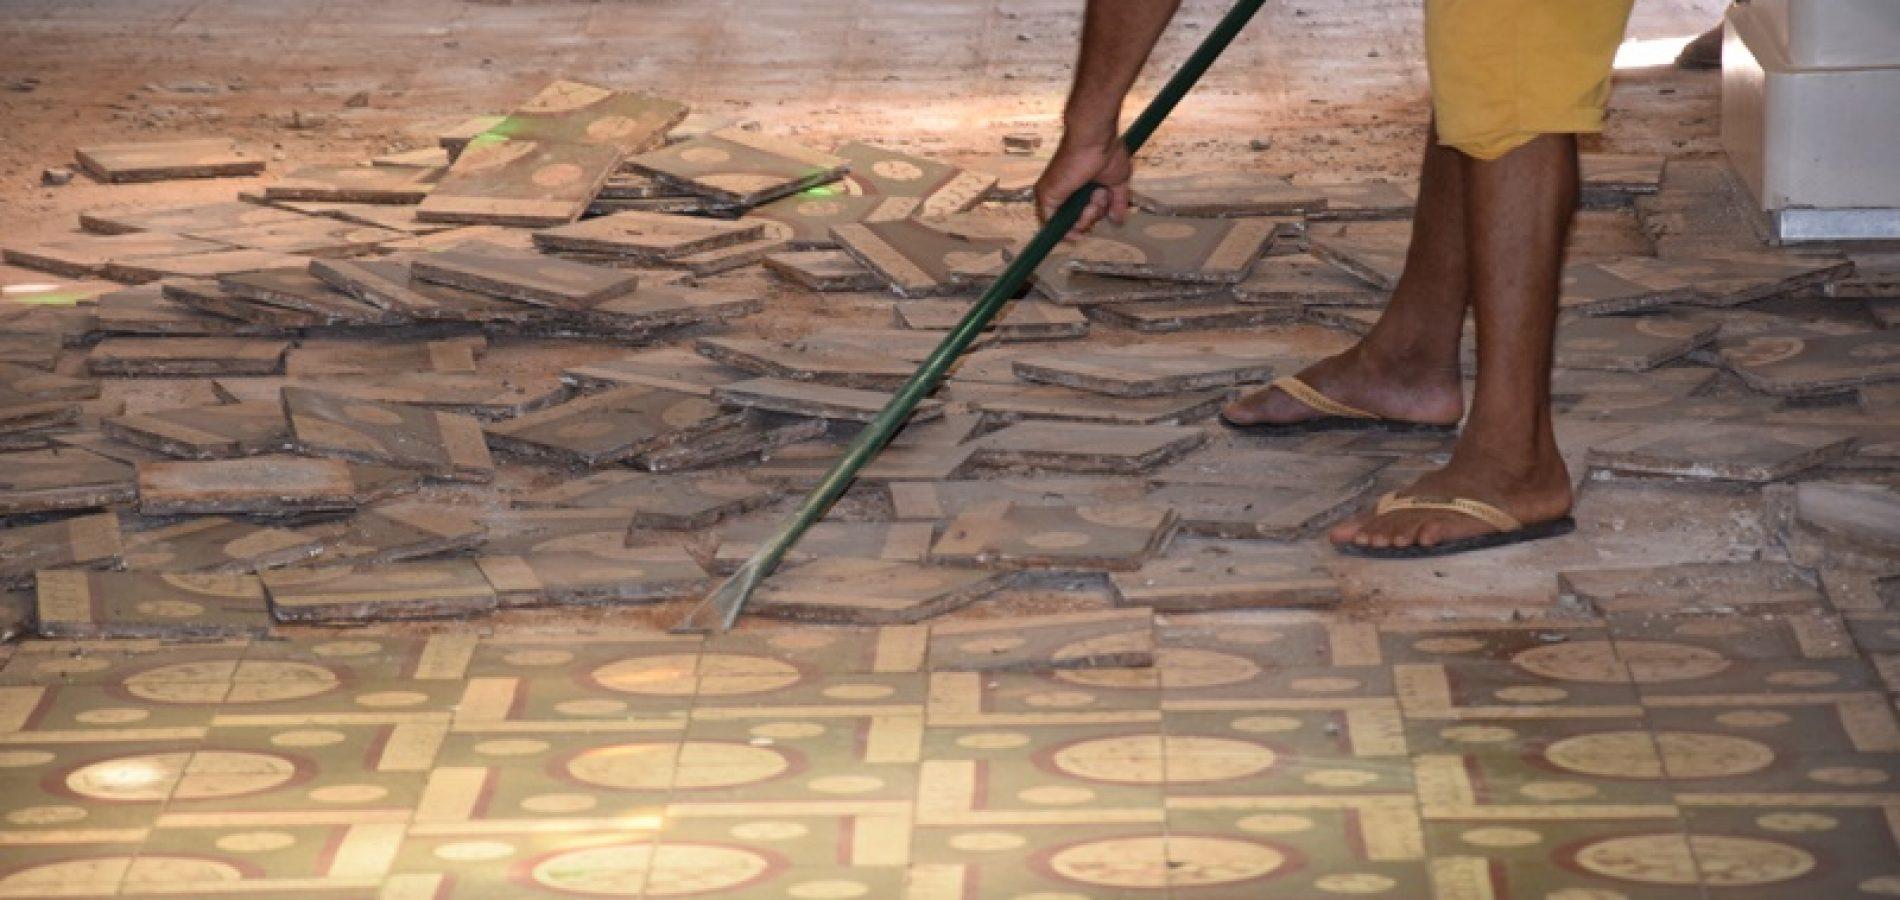 Ministério Público recomenda paralisação da troca do piso da catedral de Picos em 24 horas